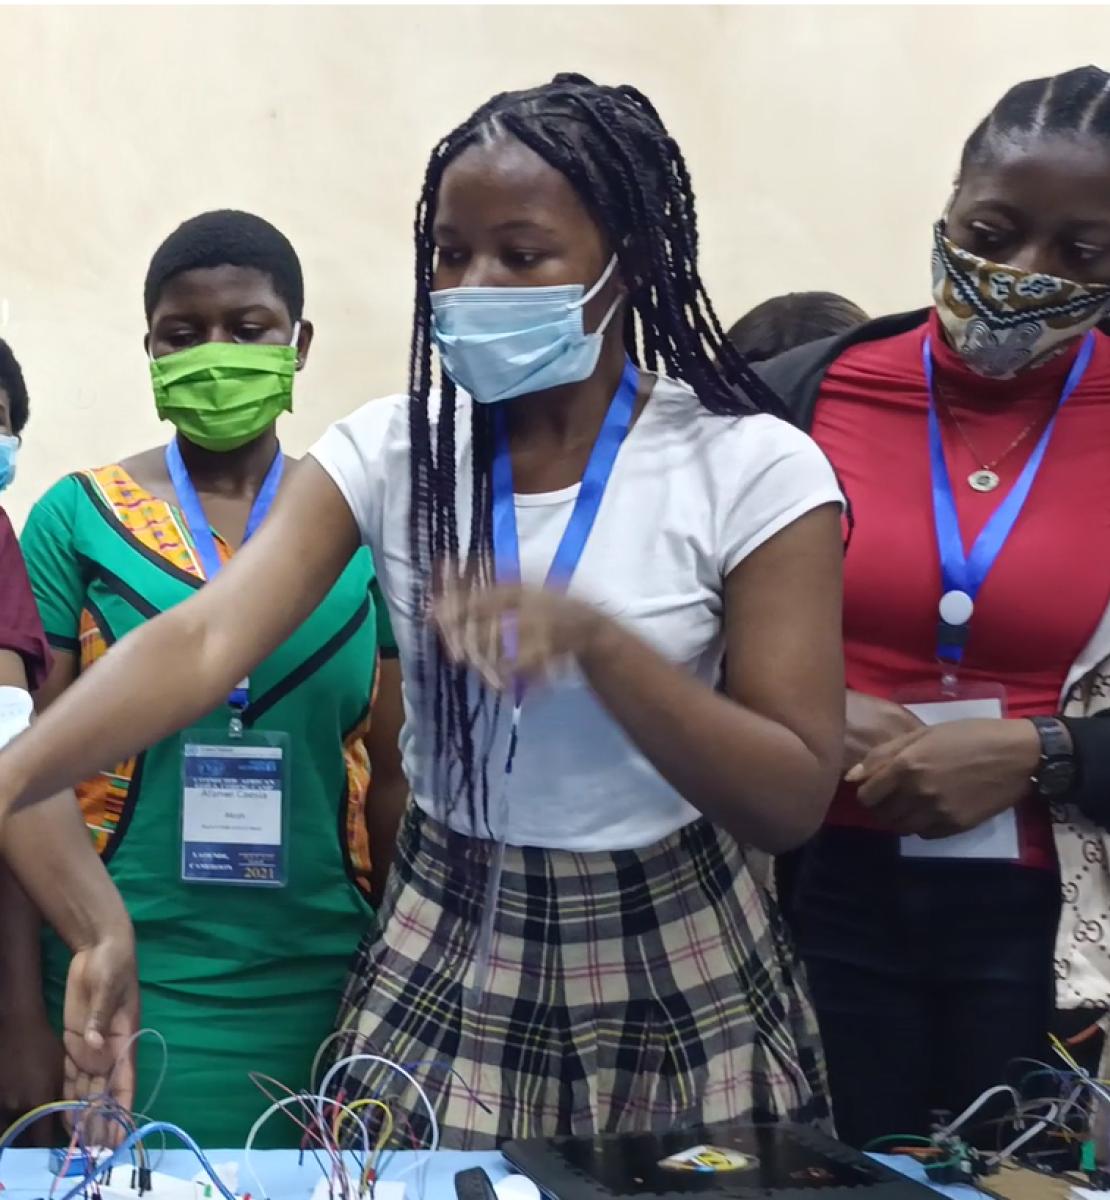 Un grupo de chicas jóvenes con mascarillas señalan hacia el contenido de una pantalla.